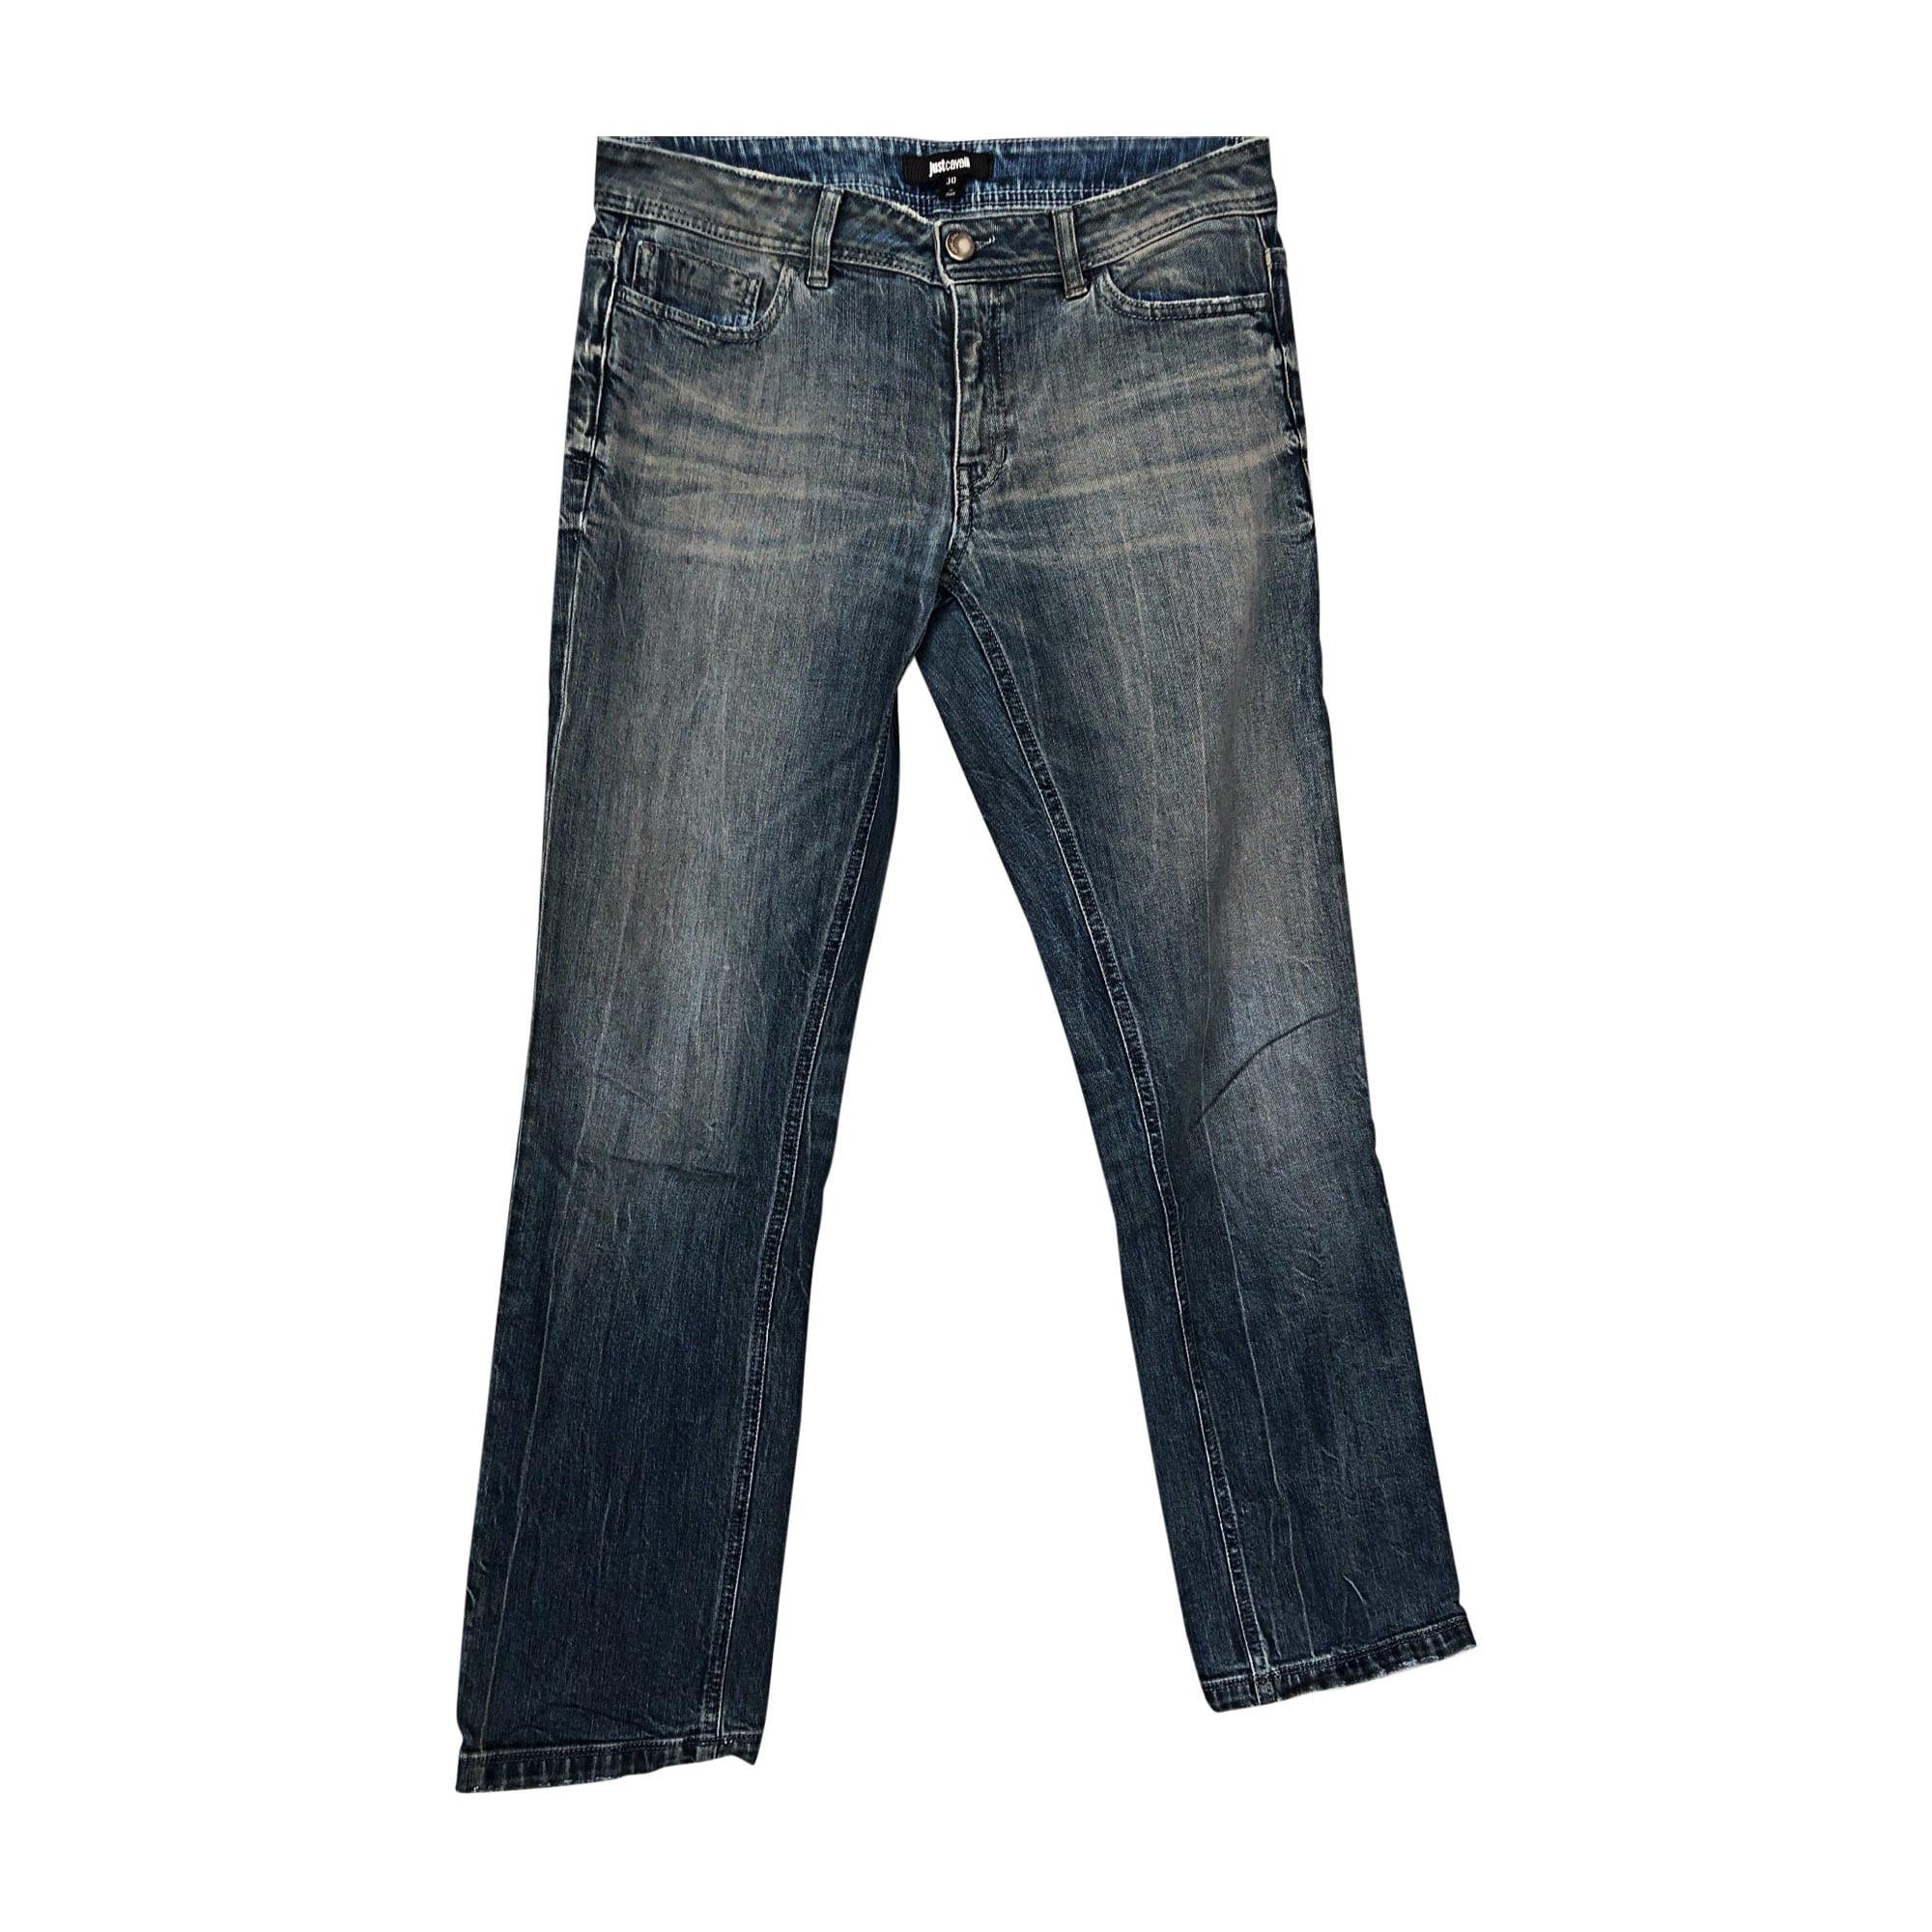 Jeans droit JUST CAVALLI Jeans clair delave